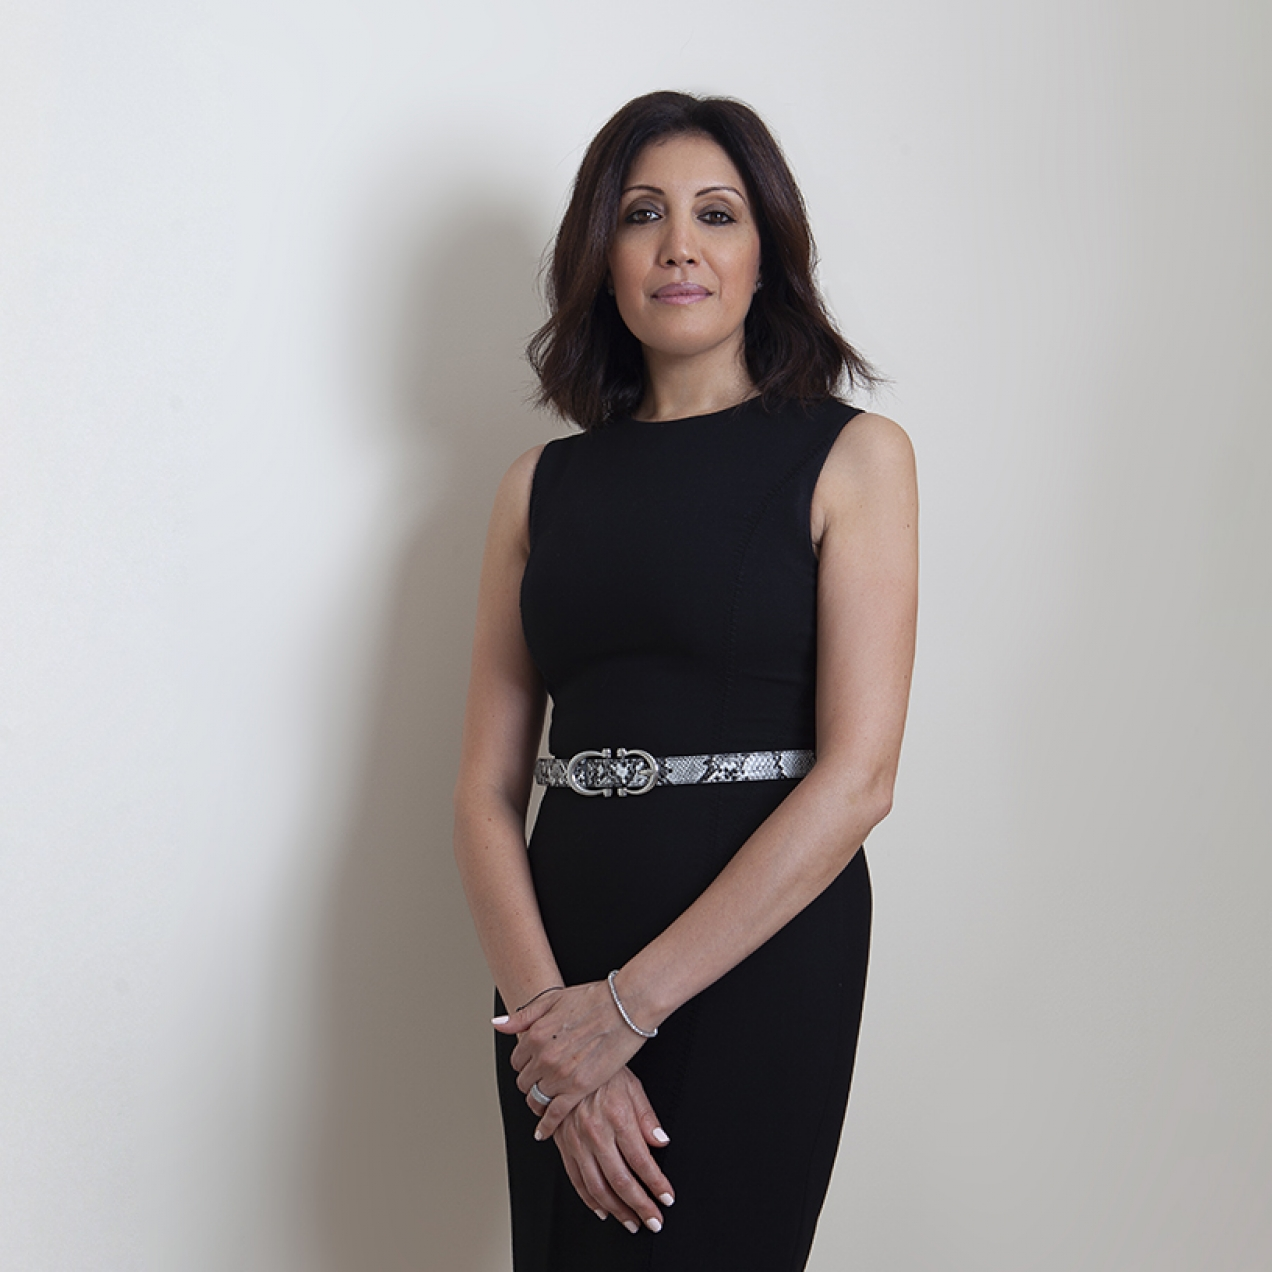 Mouna Benrhanem